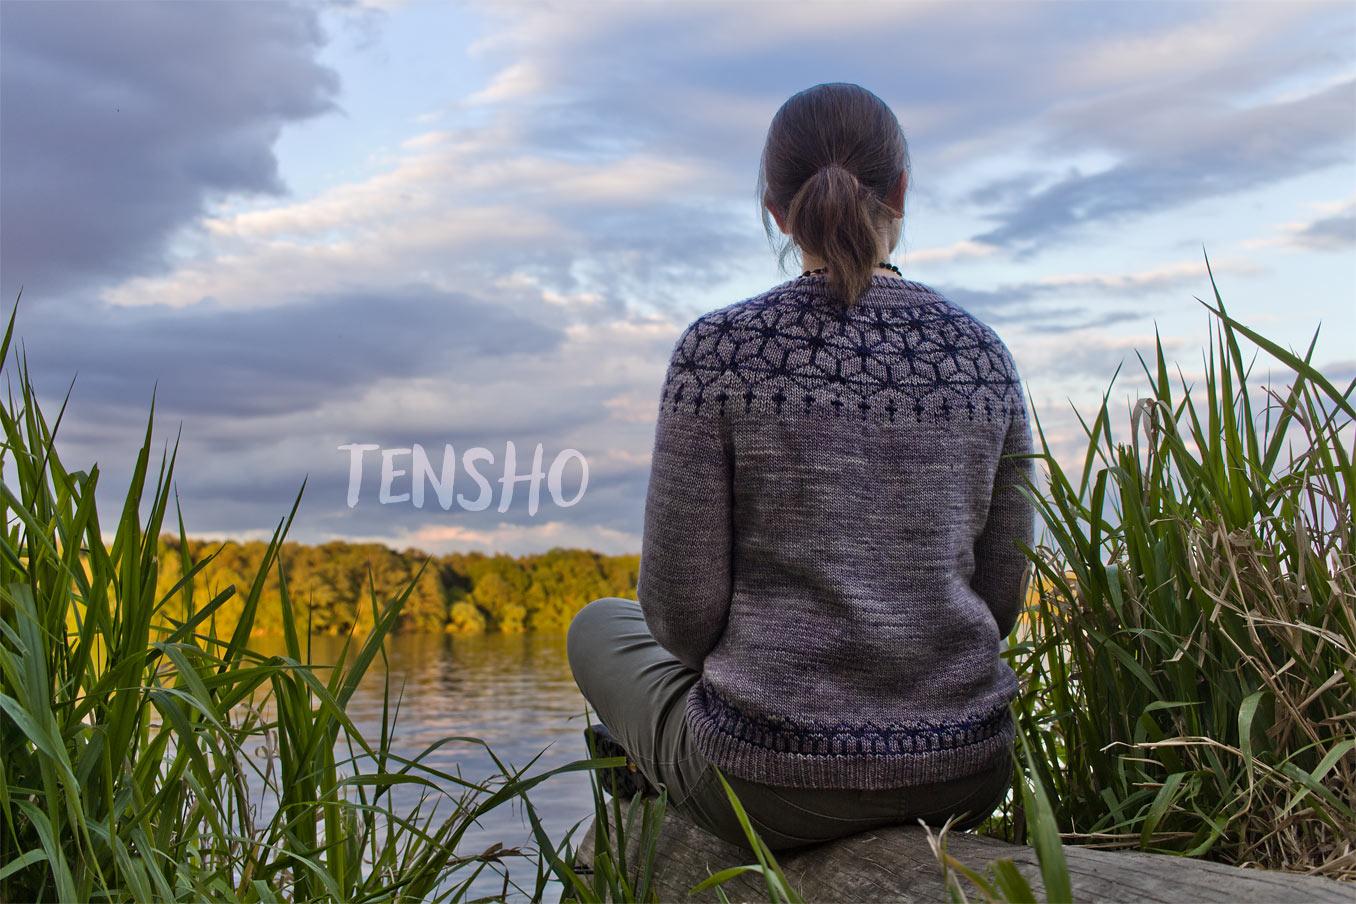 """Bild für Beitrag """"Tenso"""" 1"""